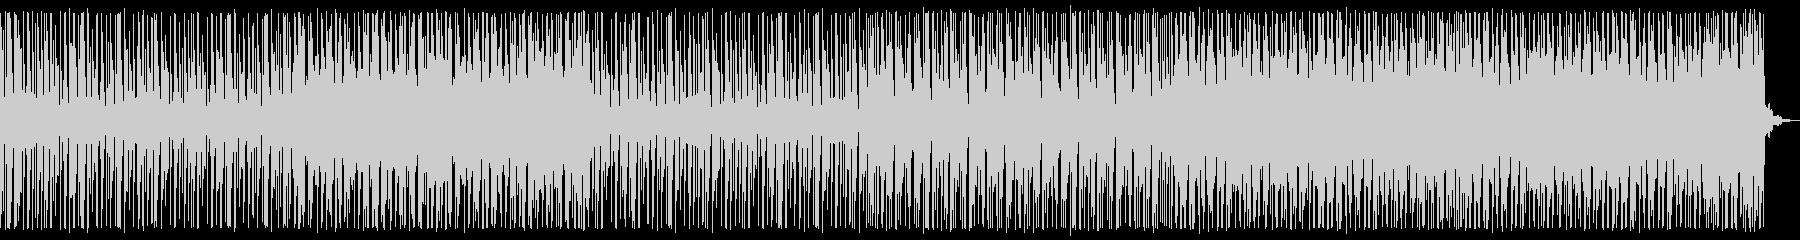 シンプル/ハウス_No671_1の未再生の波形